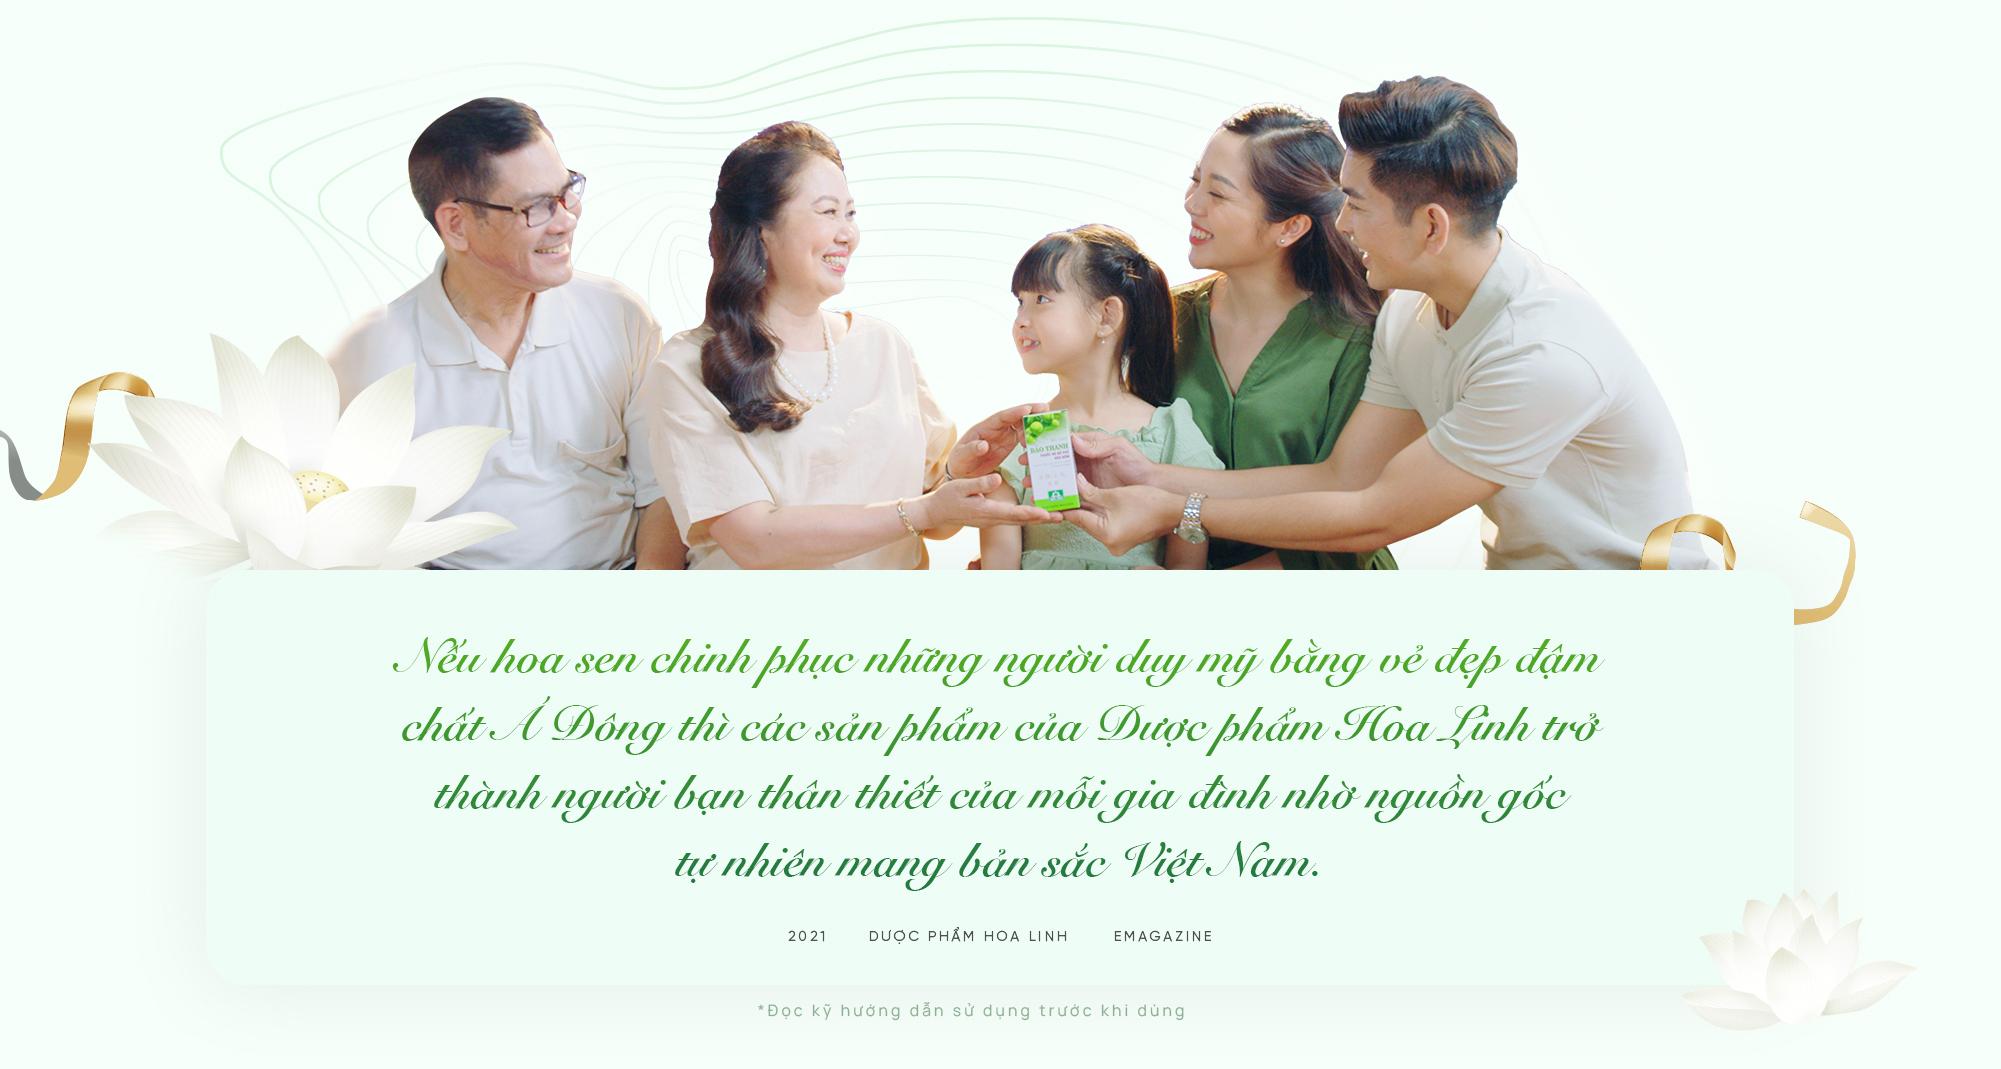 Dược phẩm Hoa Linh Bông sen trắng vươn mình để chất lượng tỏa hương - Ảnh 3.